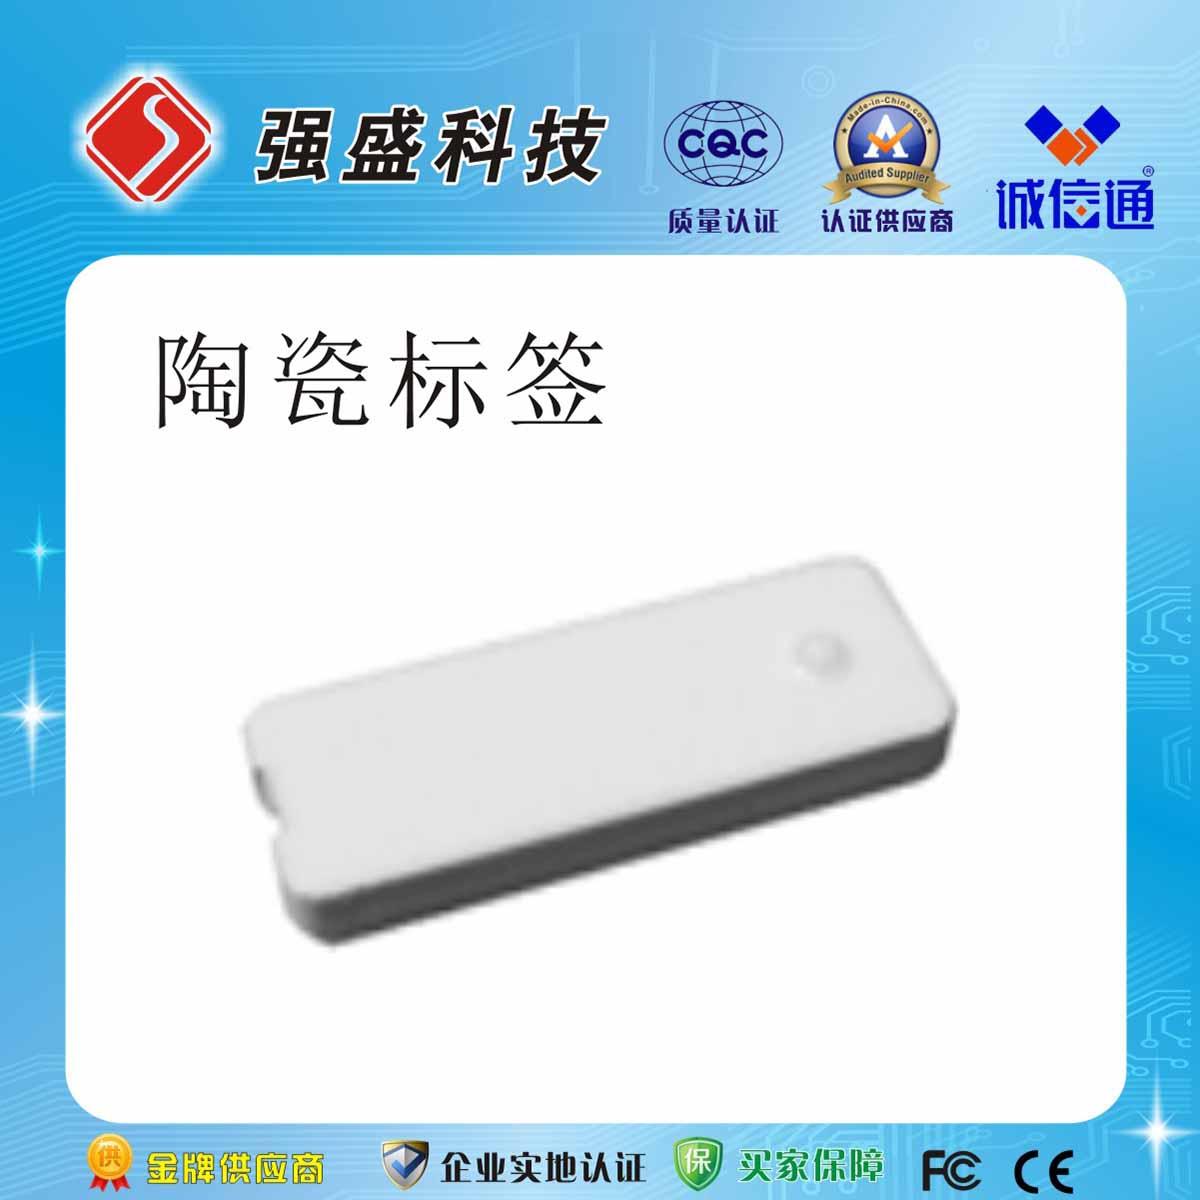 强盛陶瓷电子标签RFID产品防伪仓储管理标签